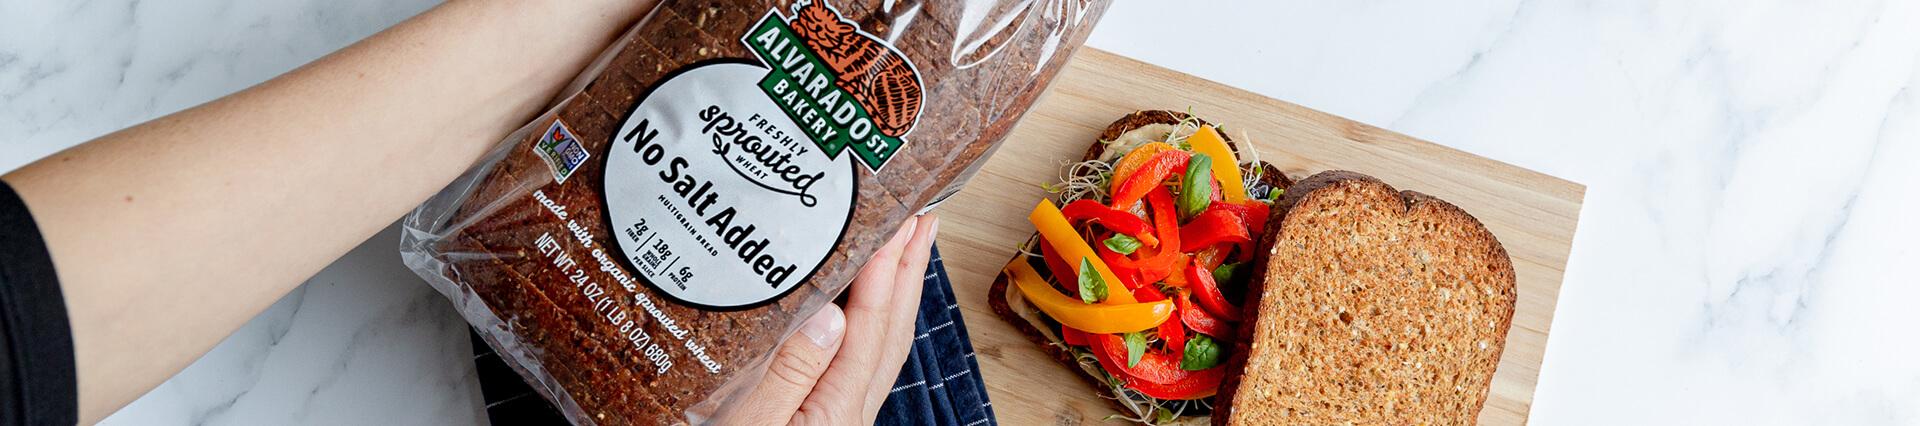 alvarado street bakery no salt added bread